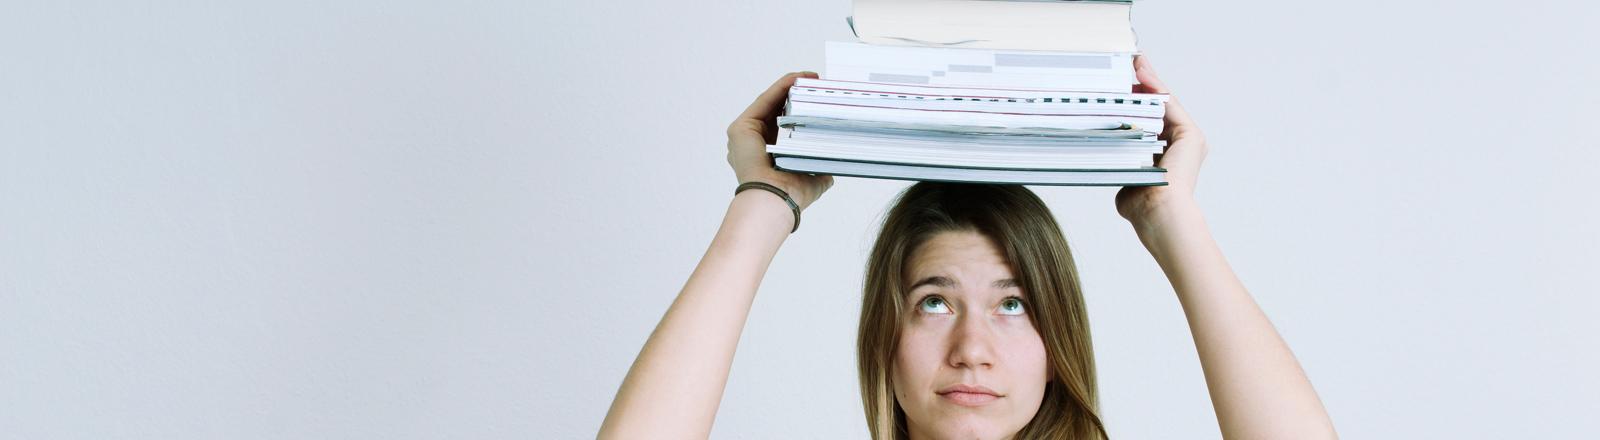 Eine Frau trägt viele Bücher auf dem Kopf.